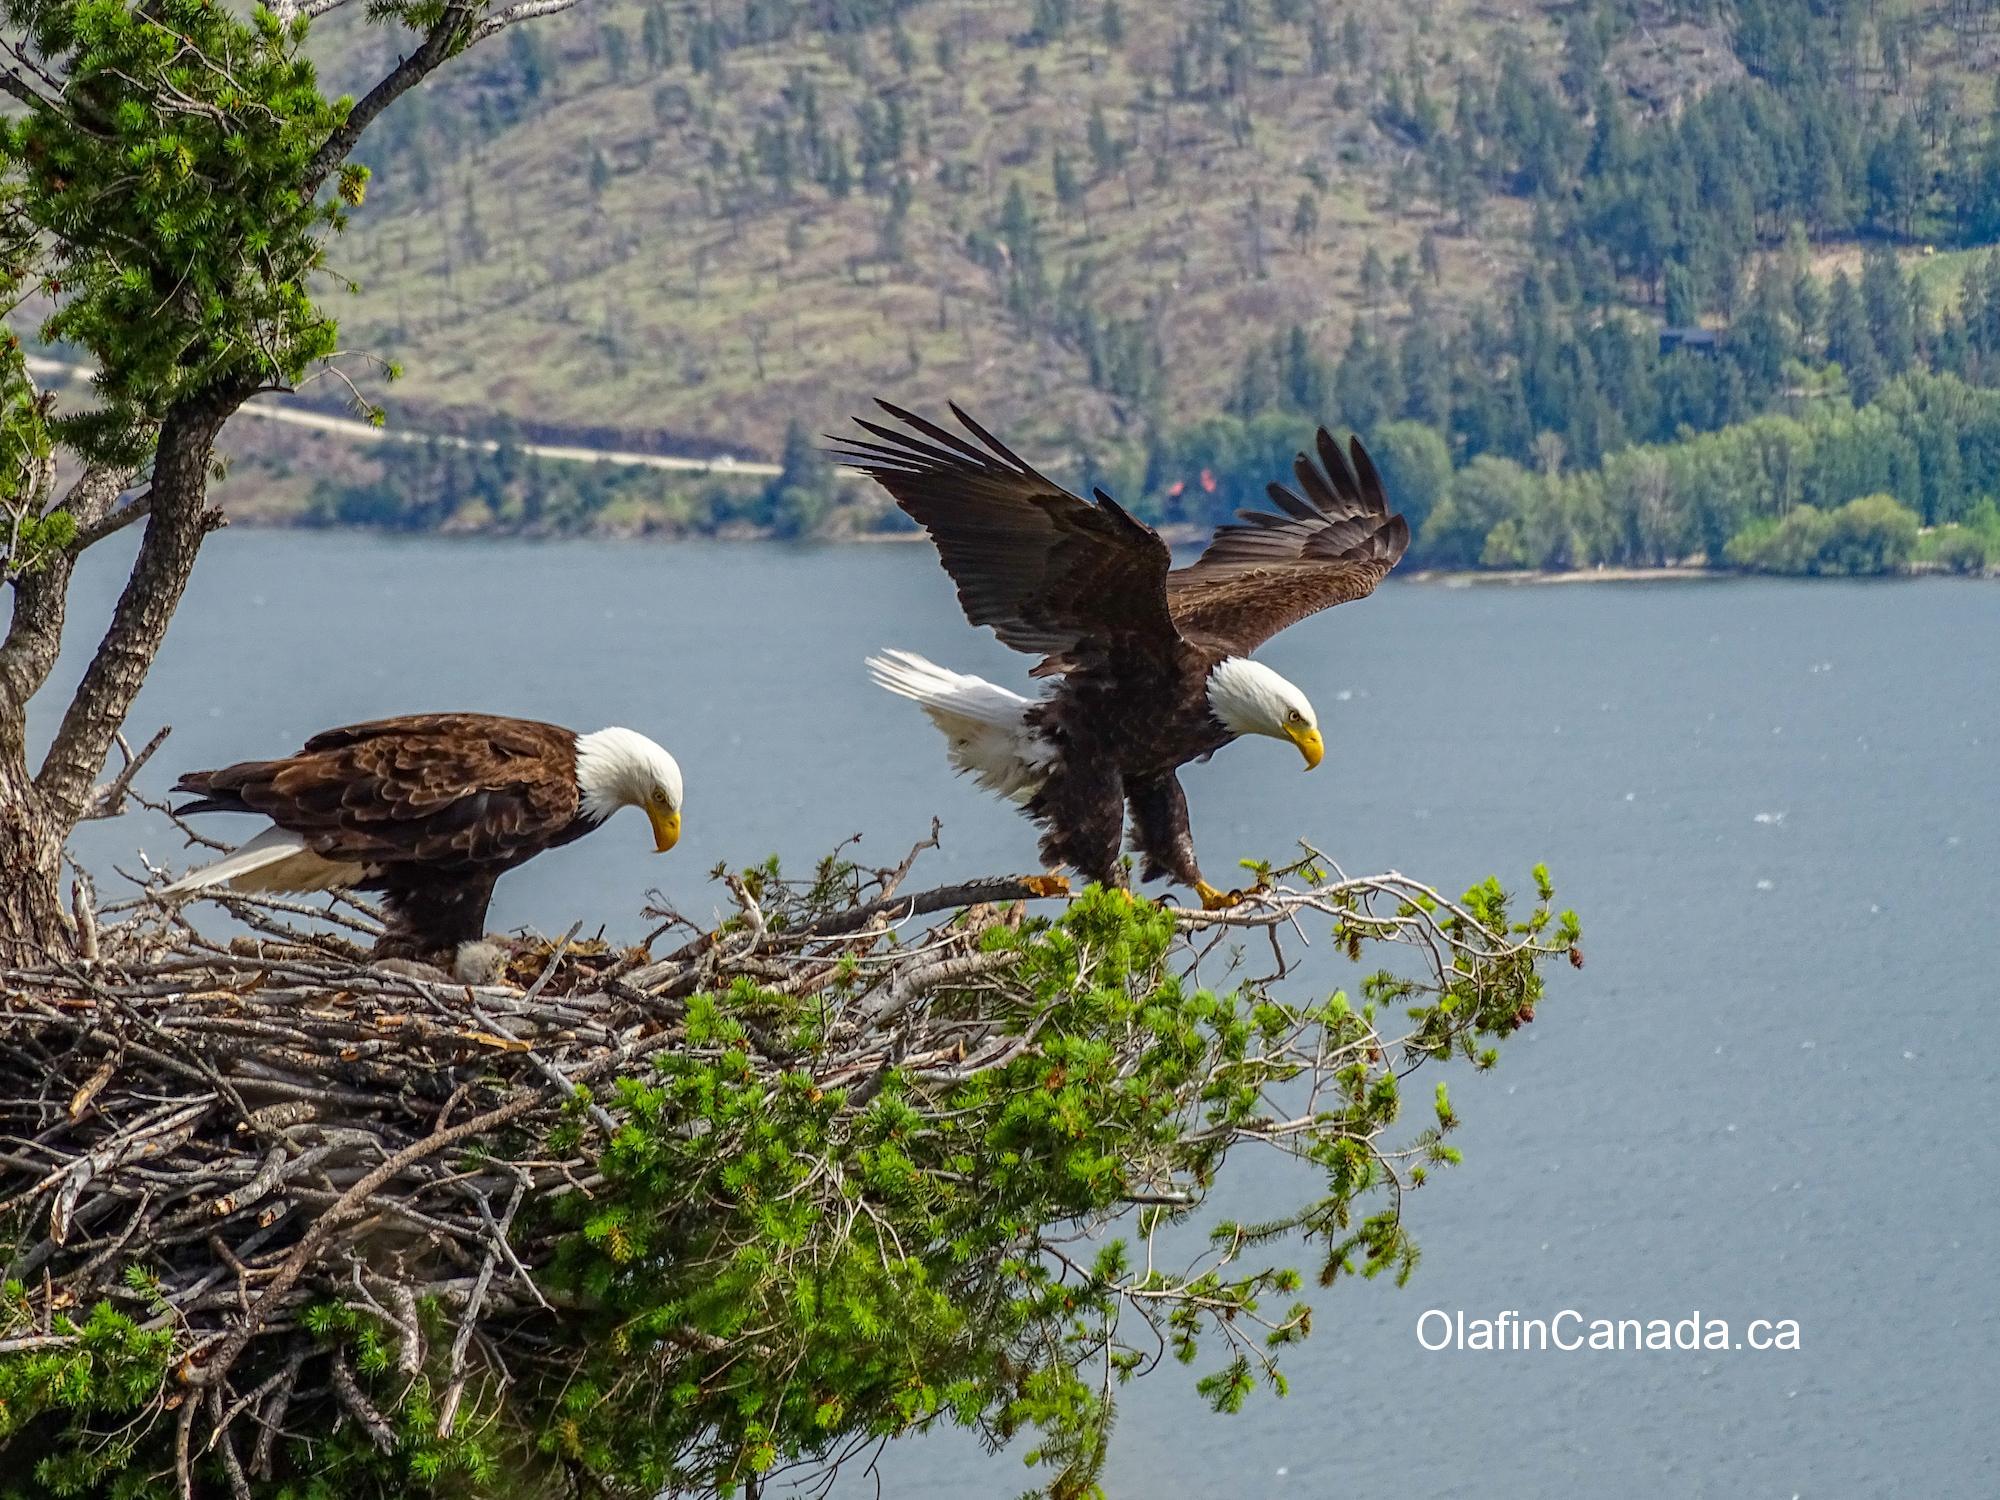 Bald eagle parents in West Kelowna #olafincanada #britishcolumbia #discoverbc #wildlife #baldeagle #okanagan